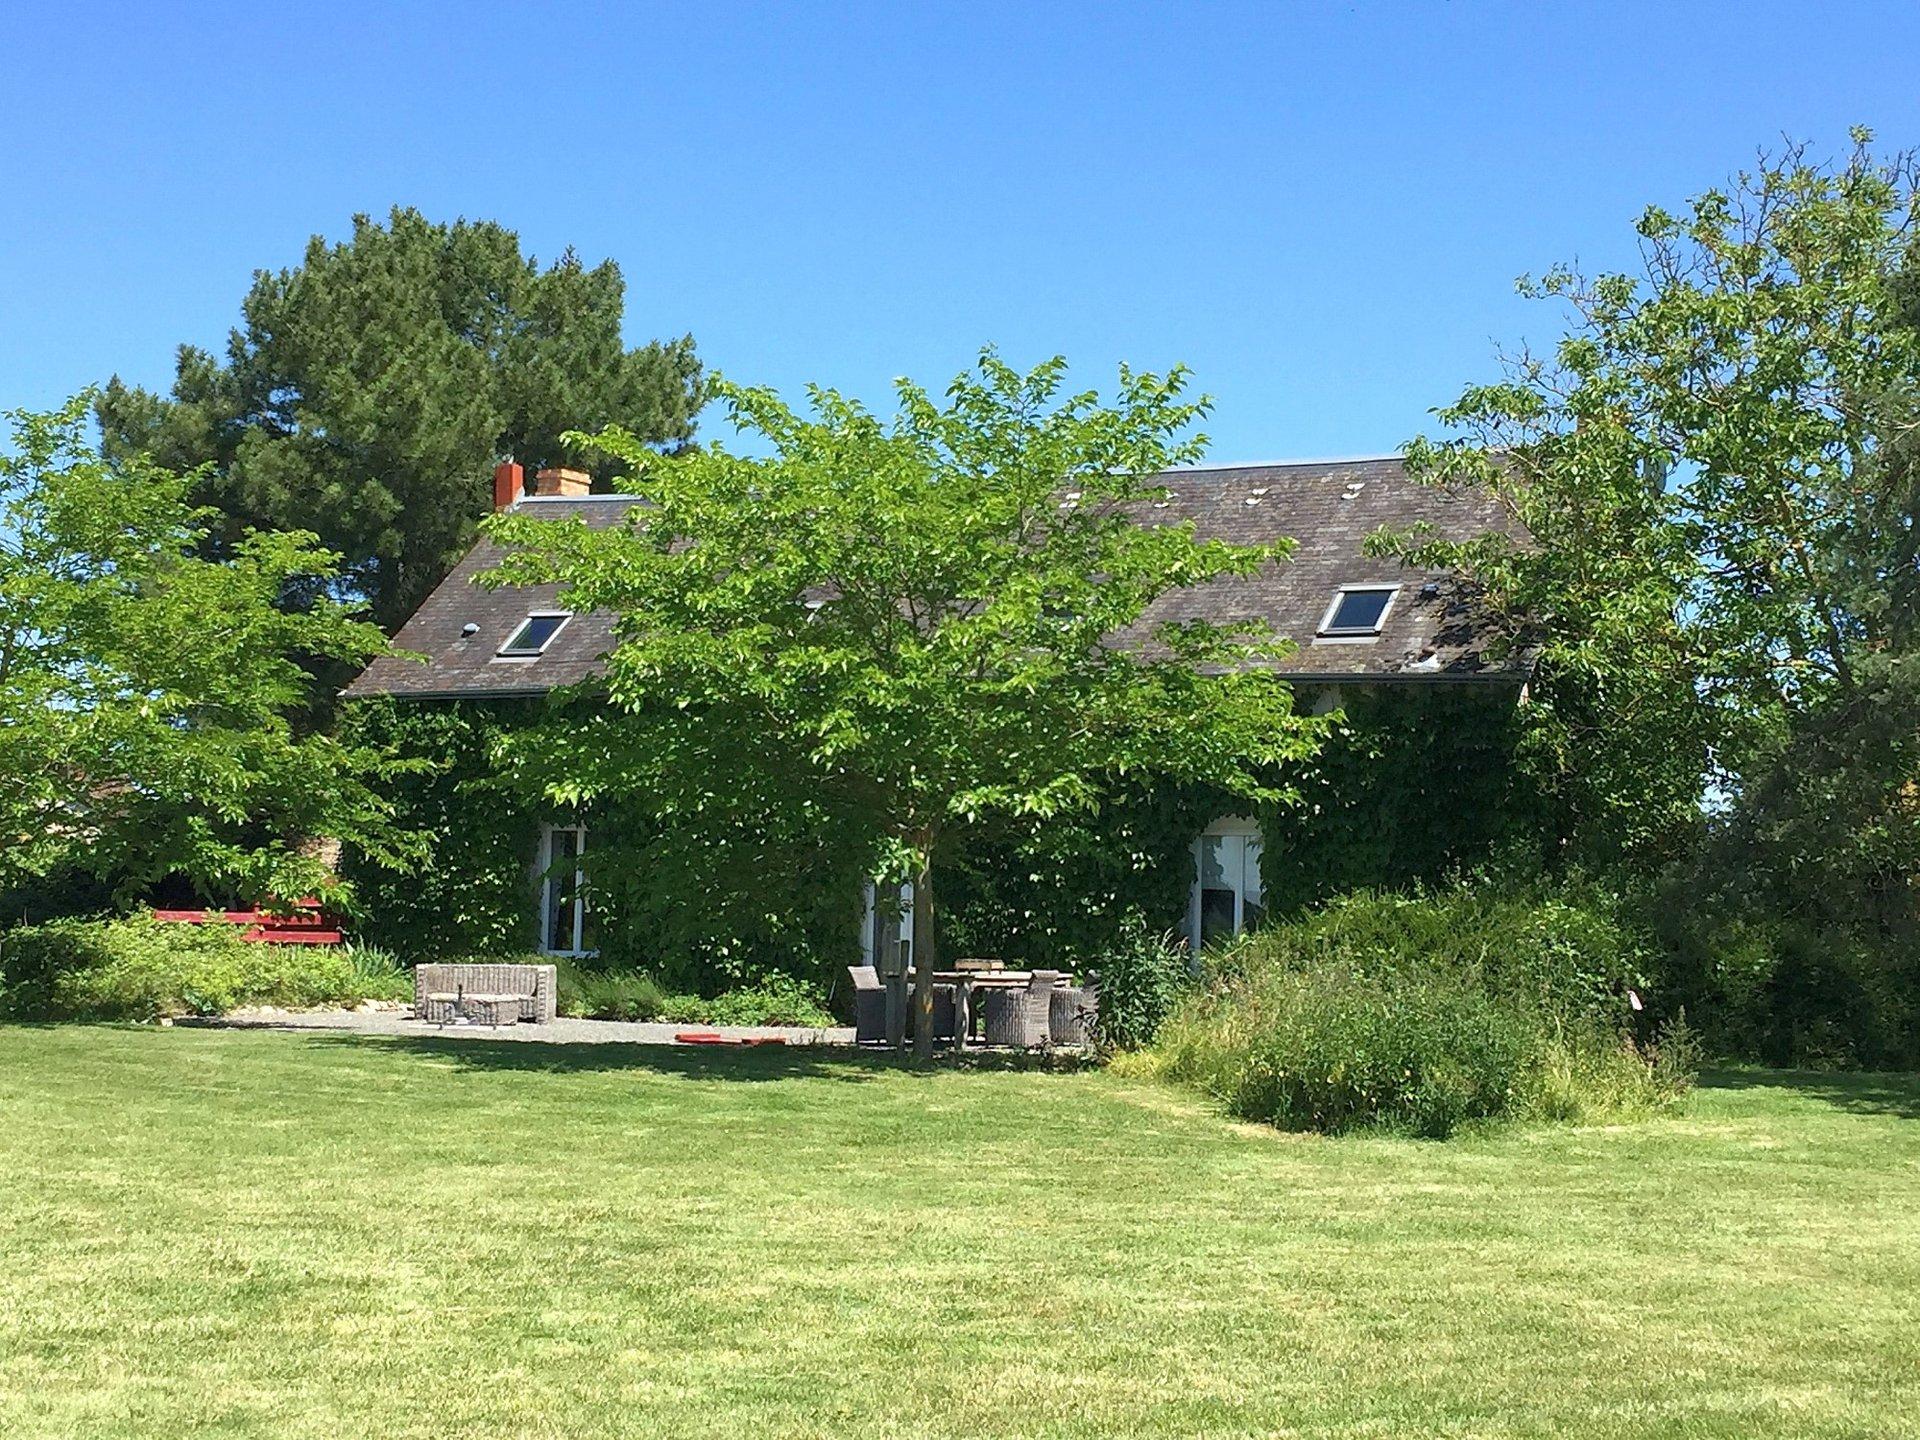 Propriété avec piscine à vendre dans La Brenne, Indre 36